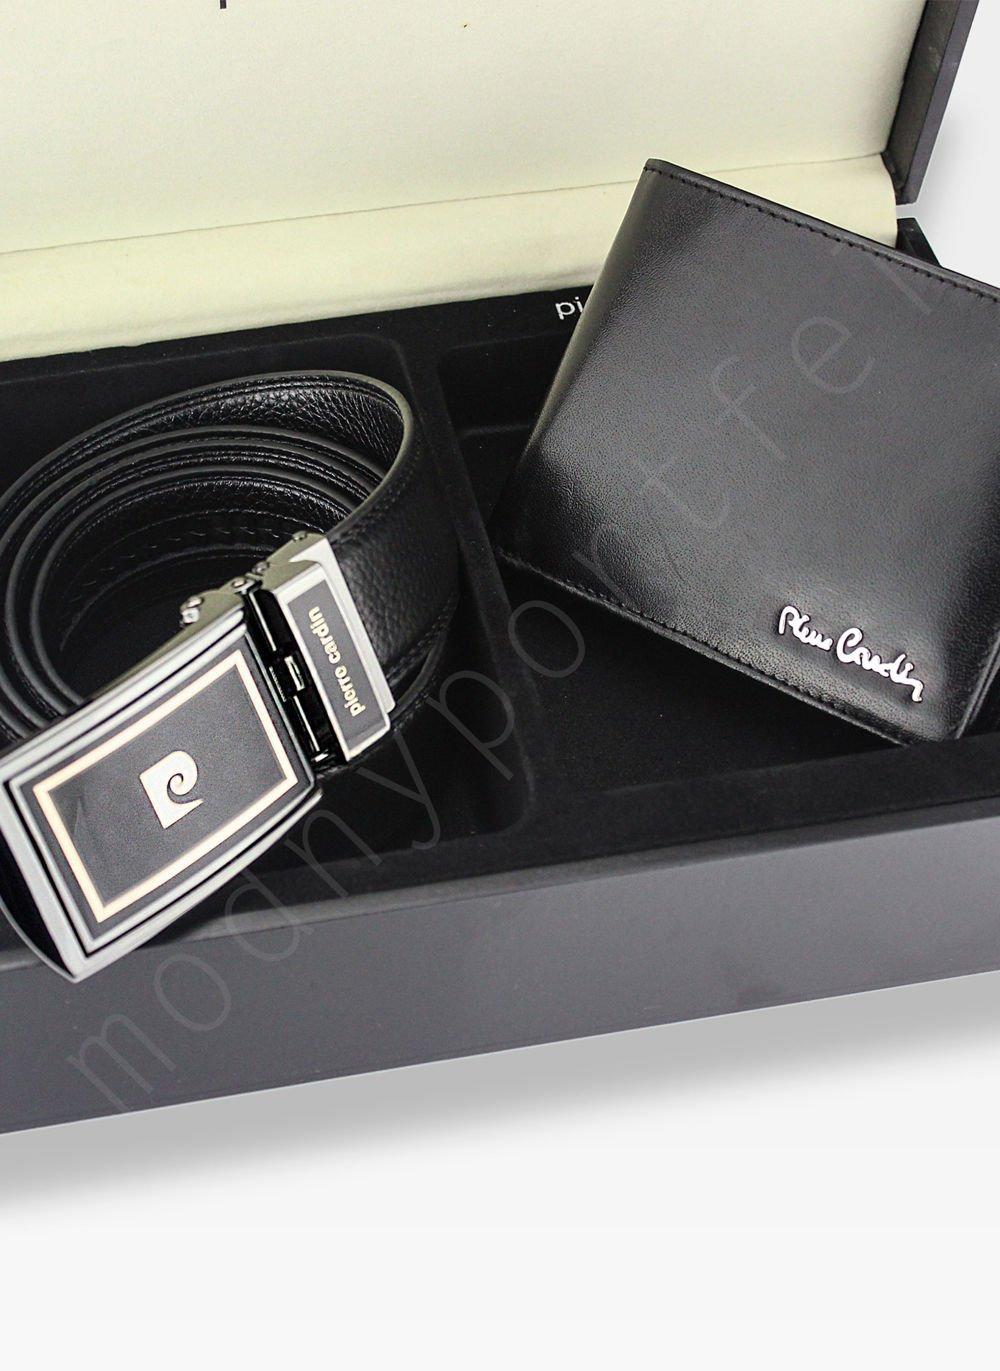 2b79eb9f433c5 Zestaw Prezentowy Pierre Cardin Pasek i Portfel w drewnianym pudełku ...